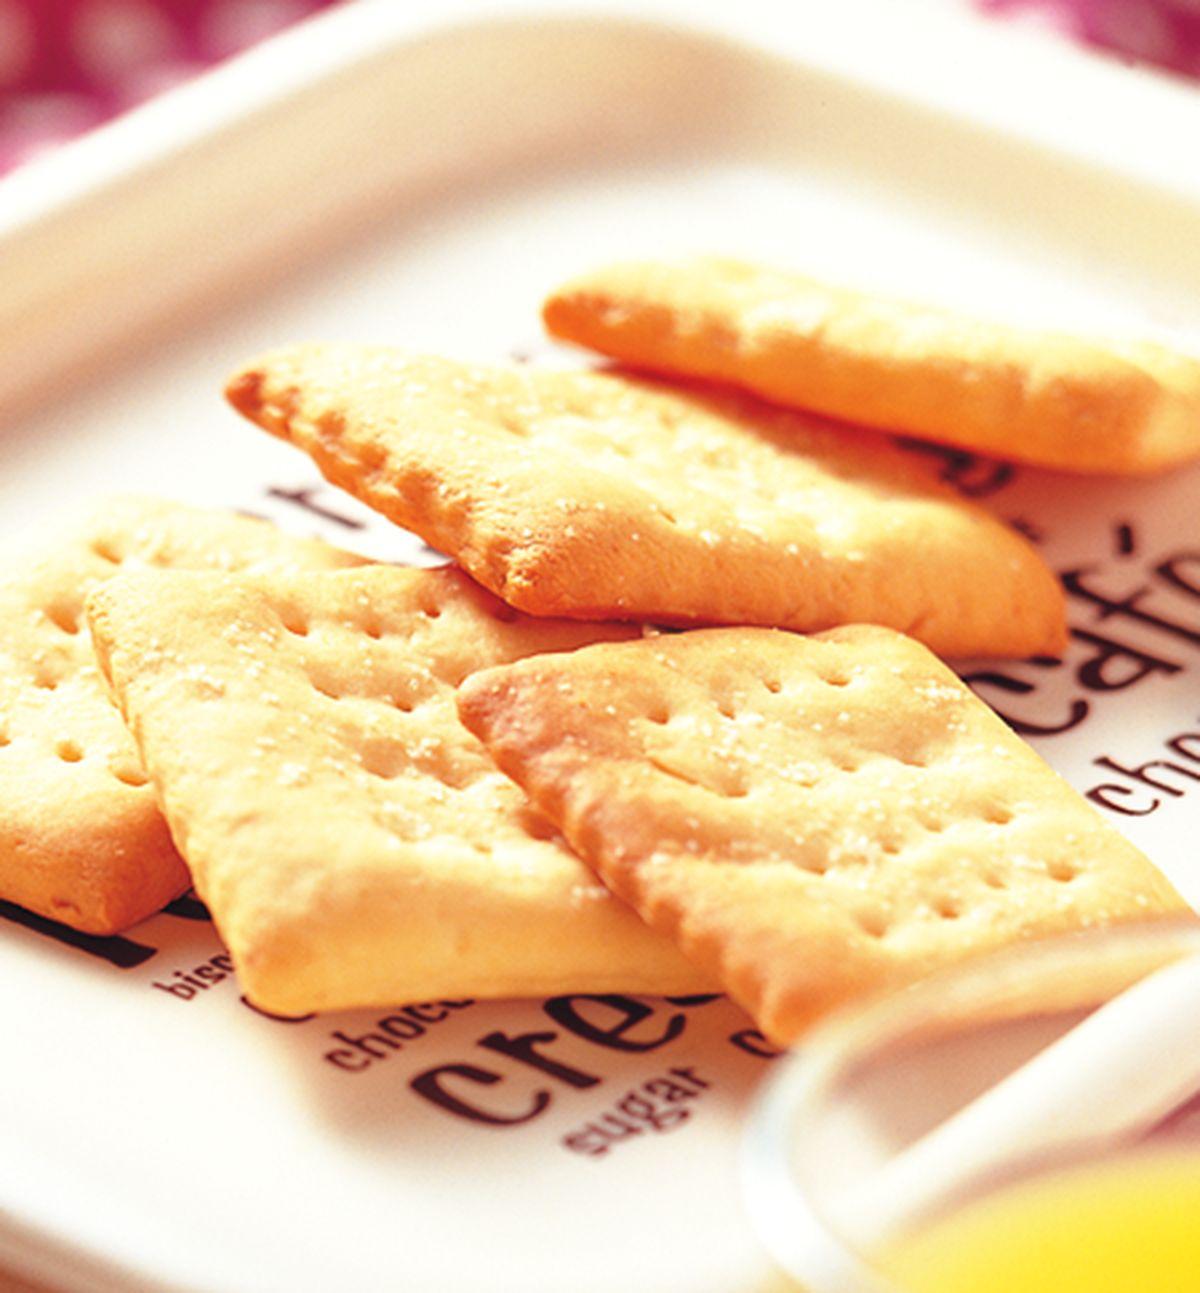 食譜:蘇打餅乾